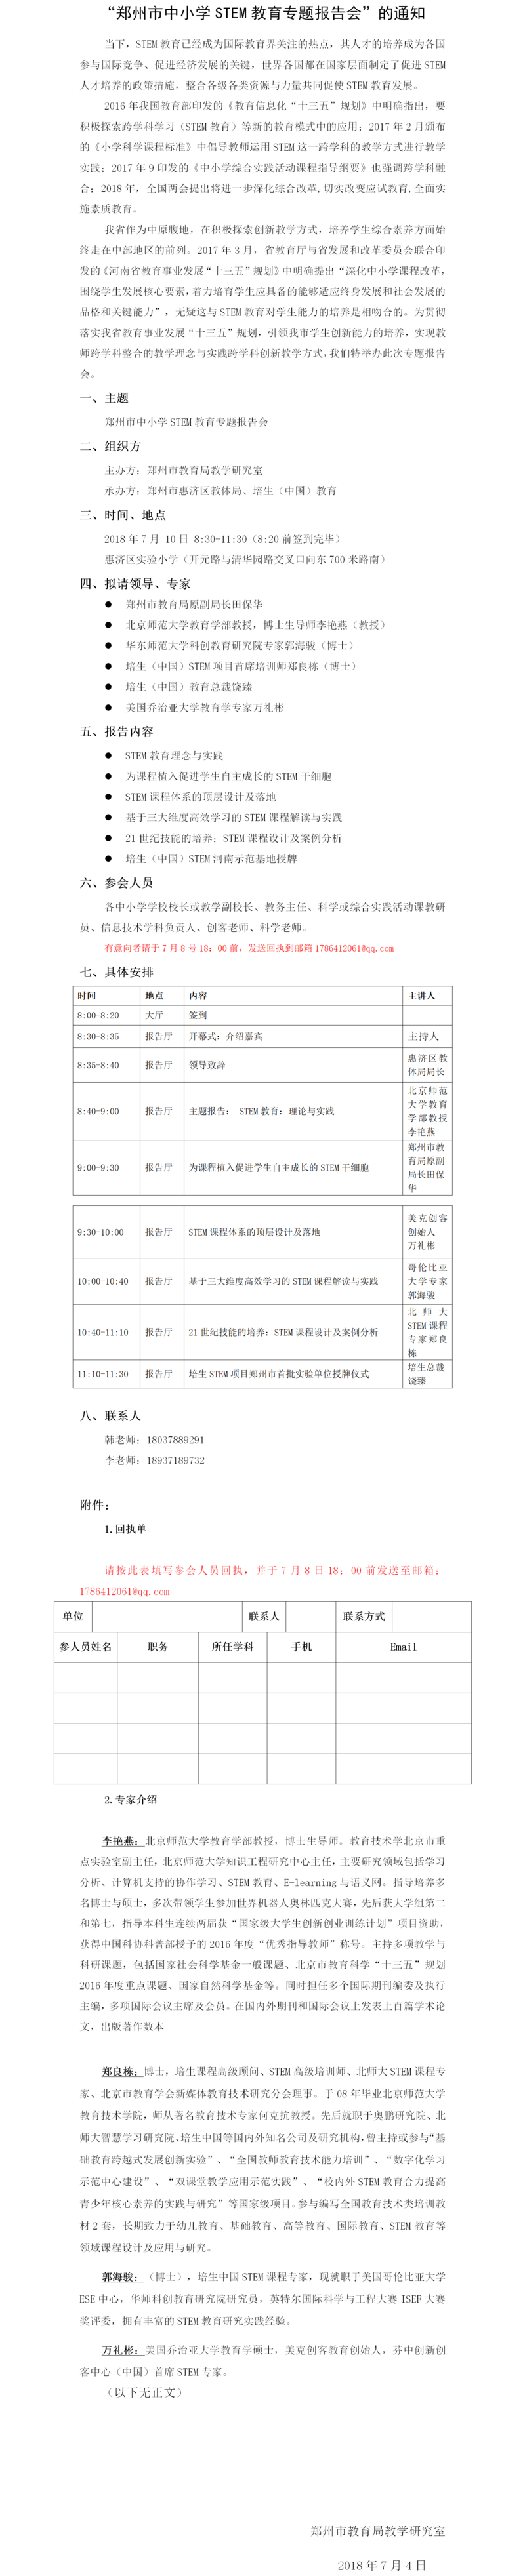 郑州市中小学STEM教育专题报告会(上网)